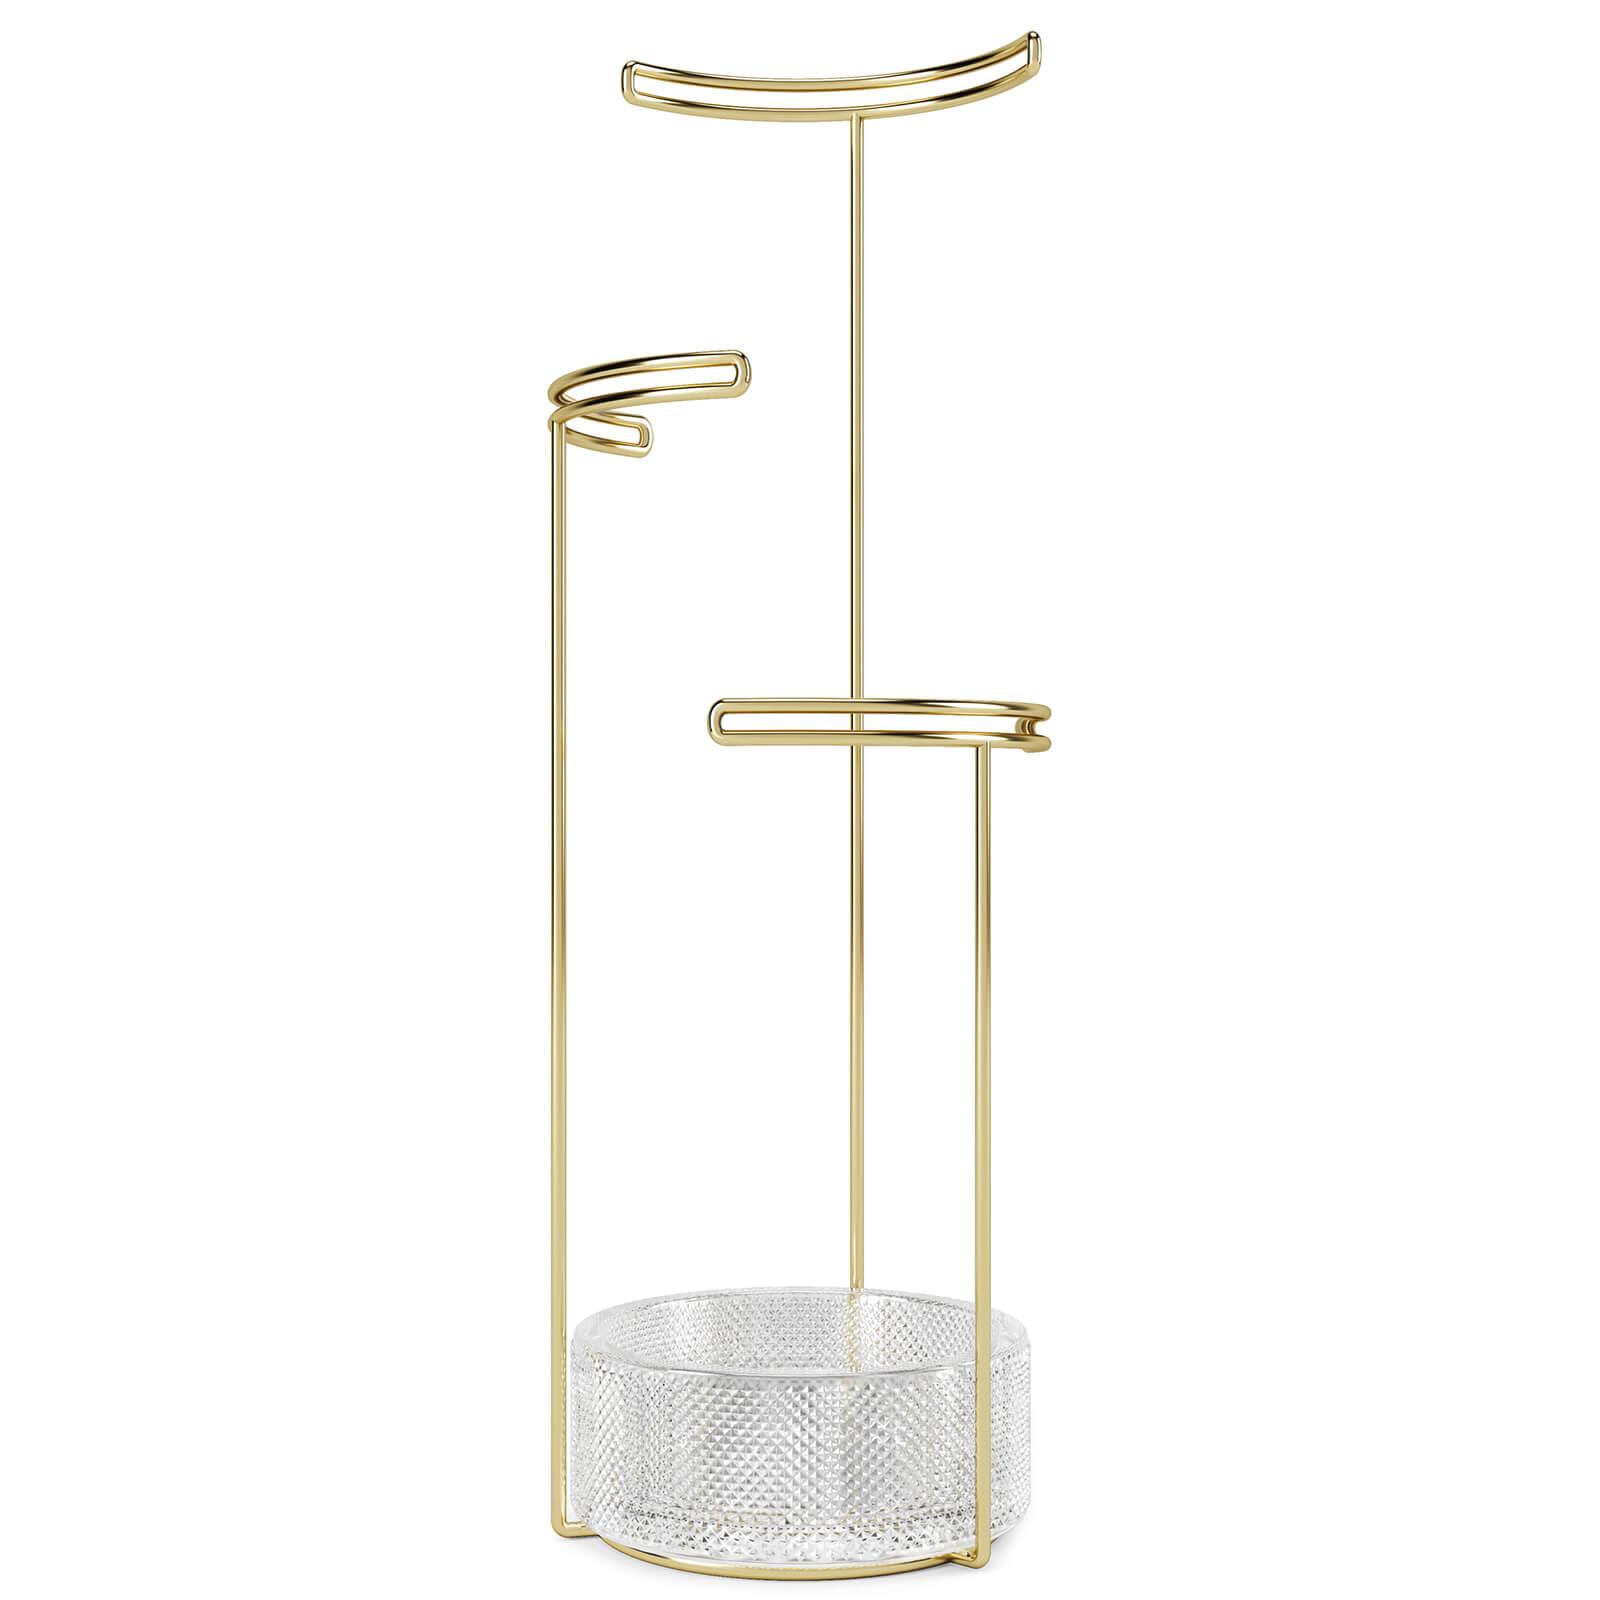 Umbra Tesora Jewellery Stand - Brass